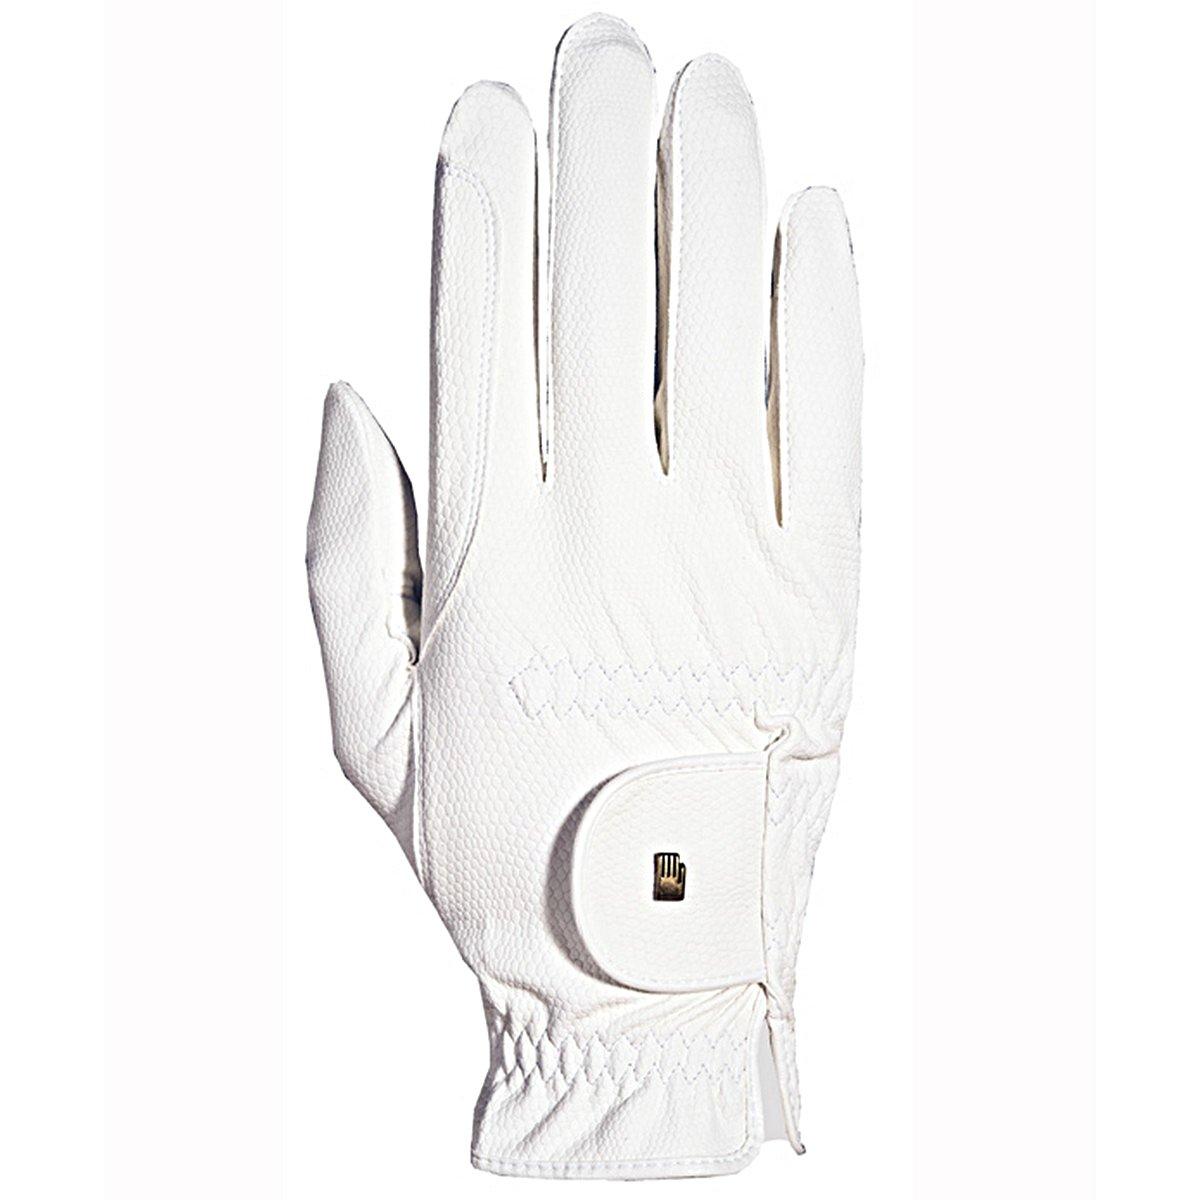 Roeckl Roeck Grip winter handschoen wit maat:6,5